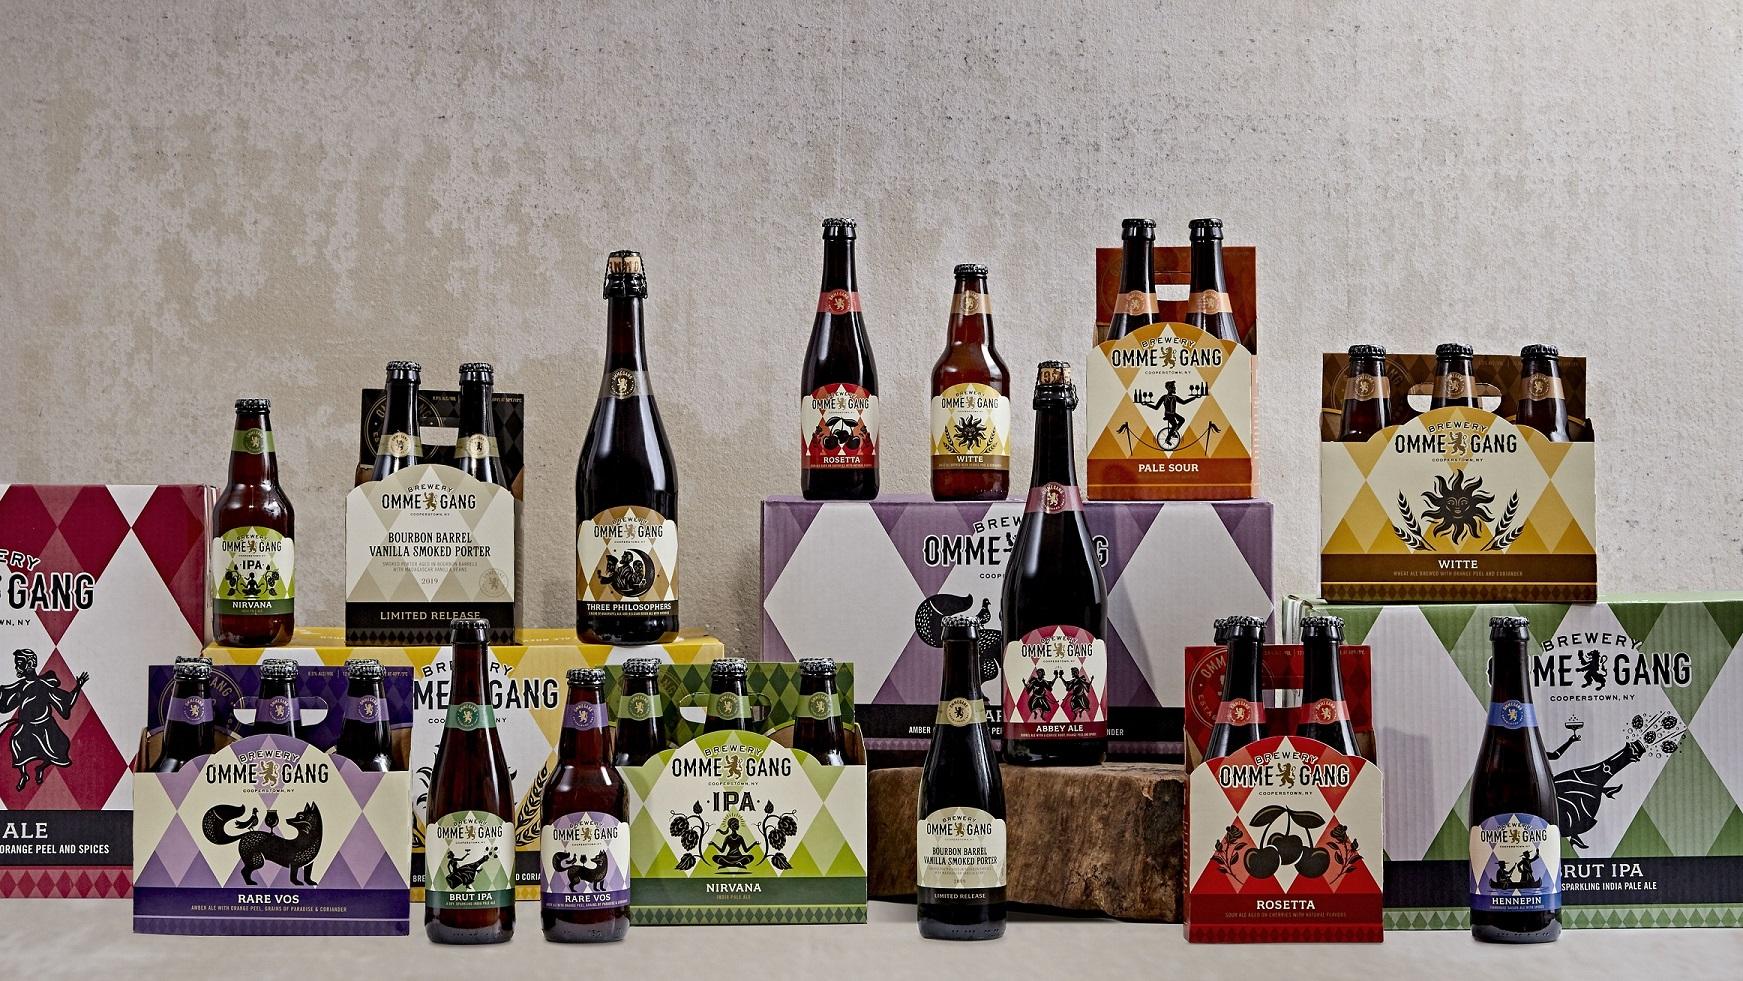 Beer & Branding: Ommegang